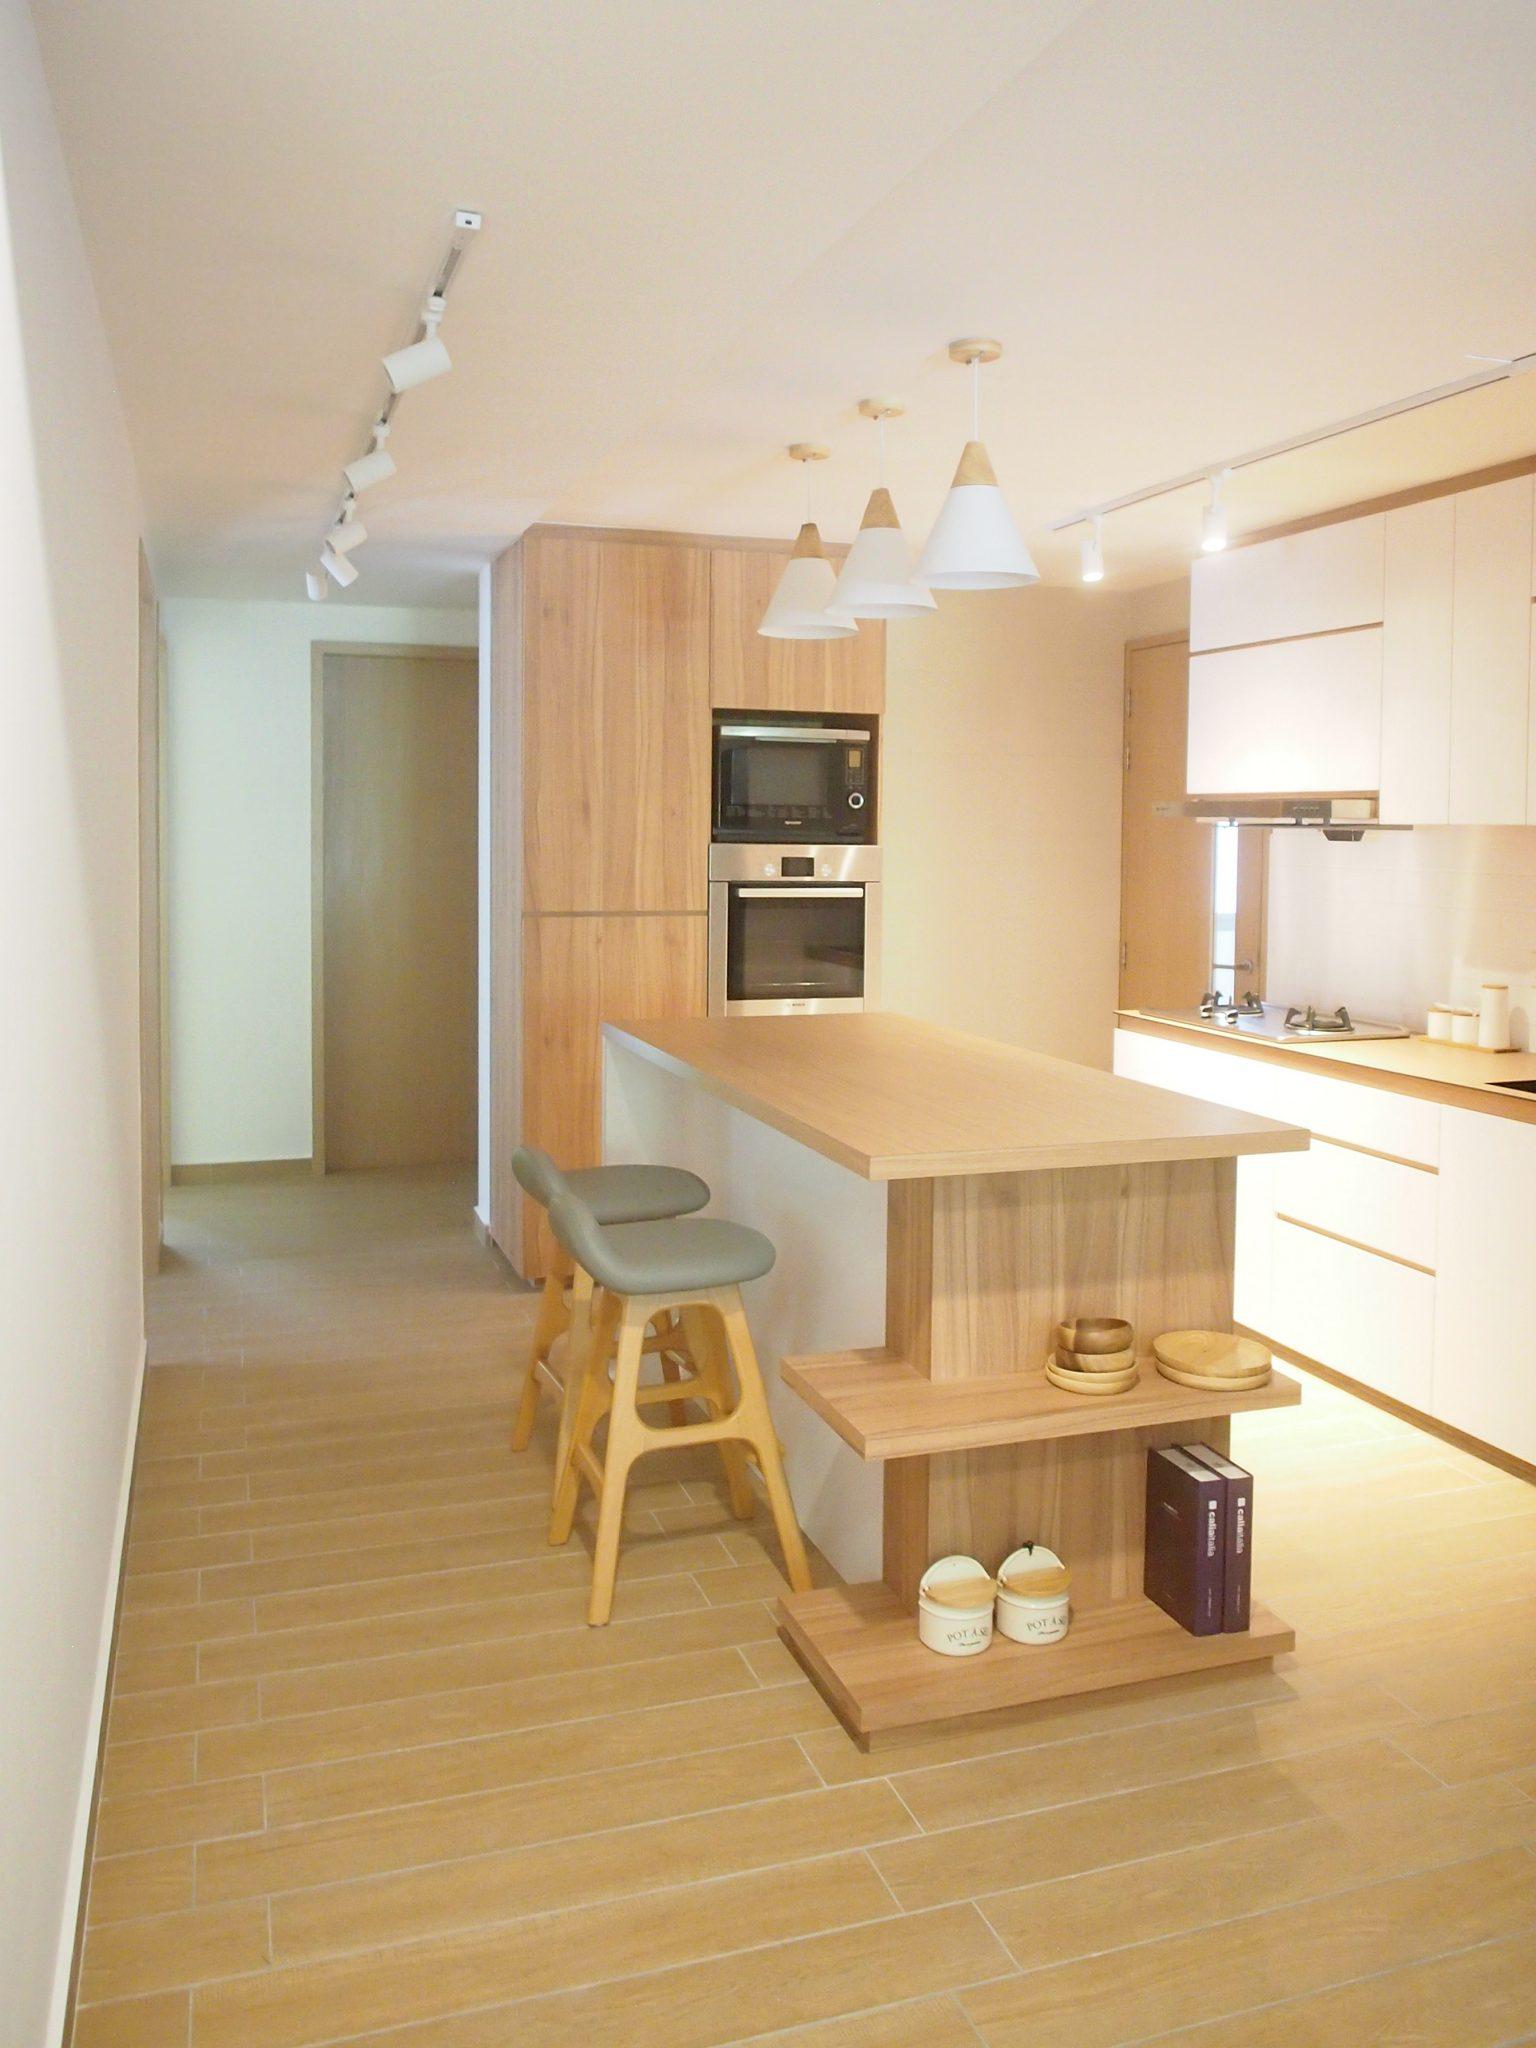 Singapore muji kitchen